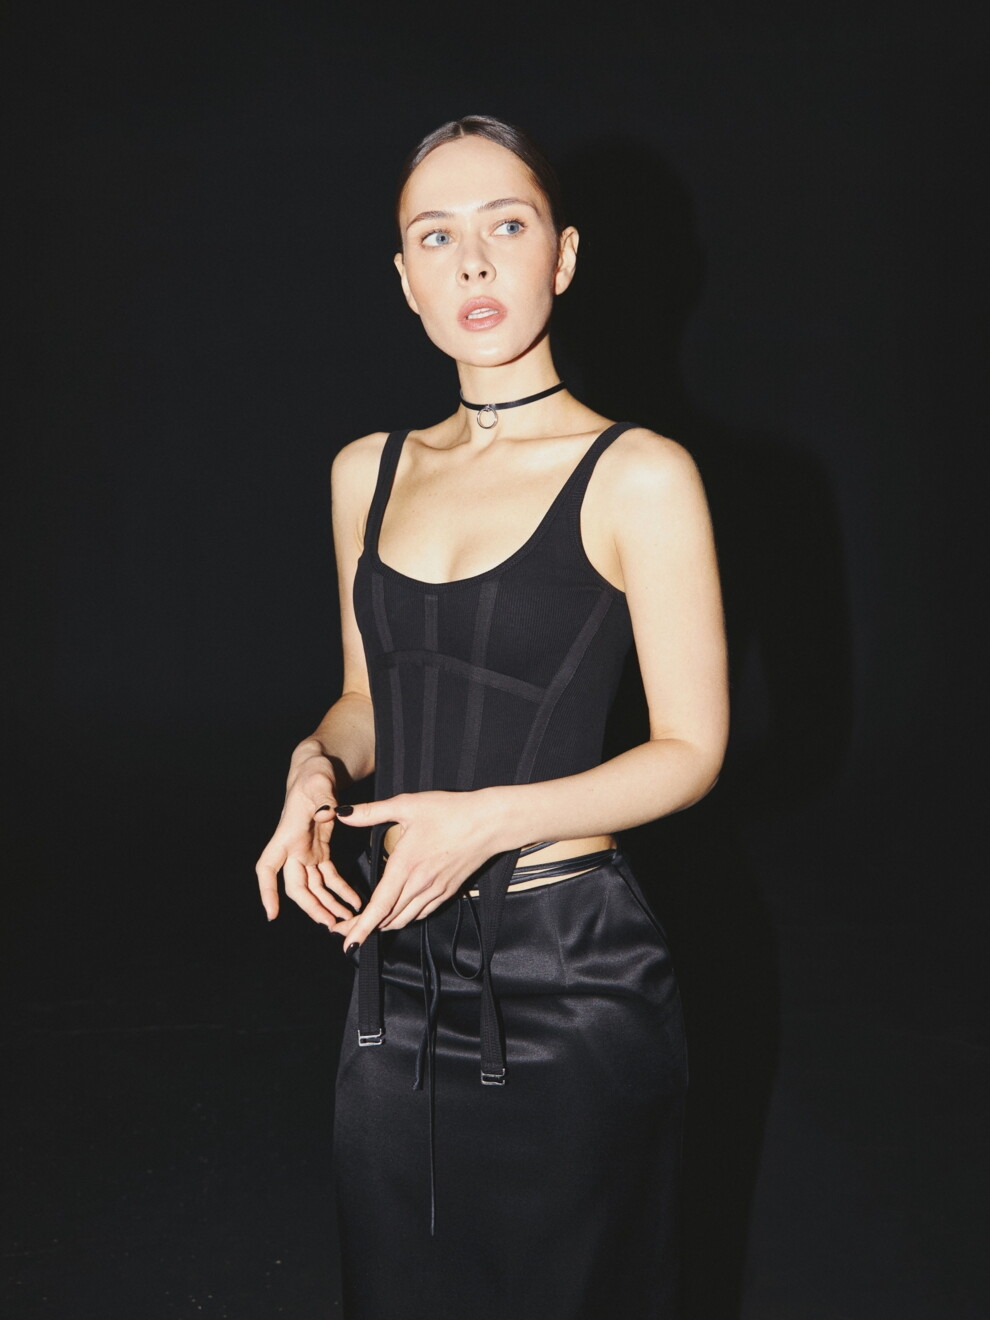 В соблазнительных корсетах и неоновых колготках: Юлия Санина снялась для Vogue (ФОТО) - фото №5